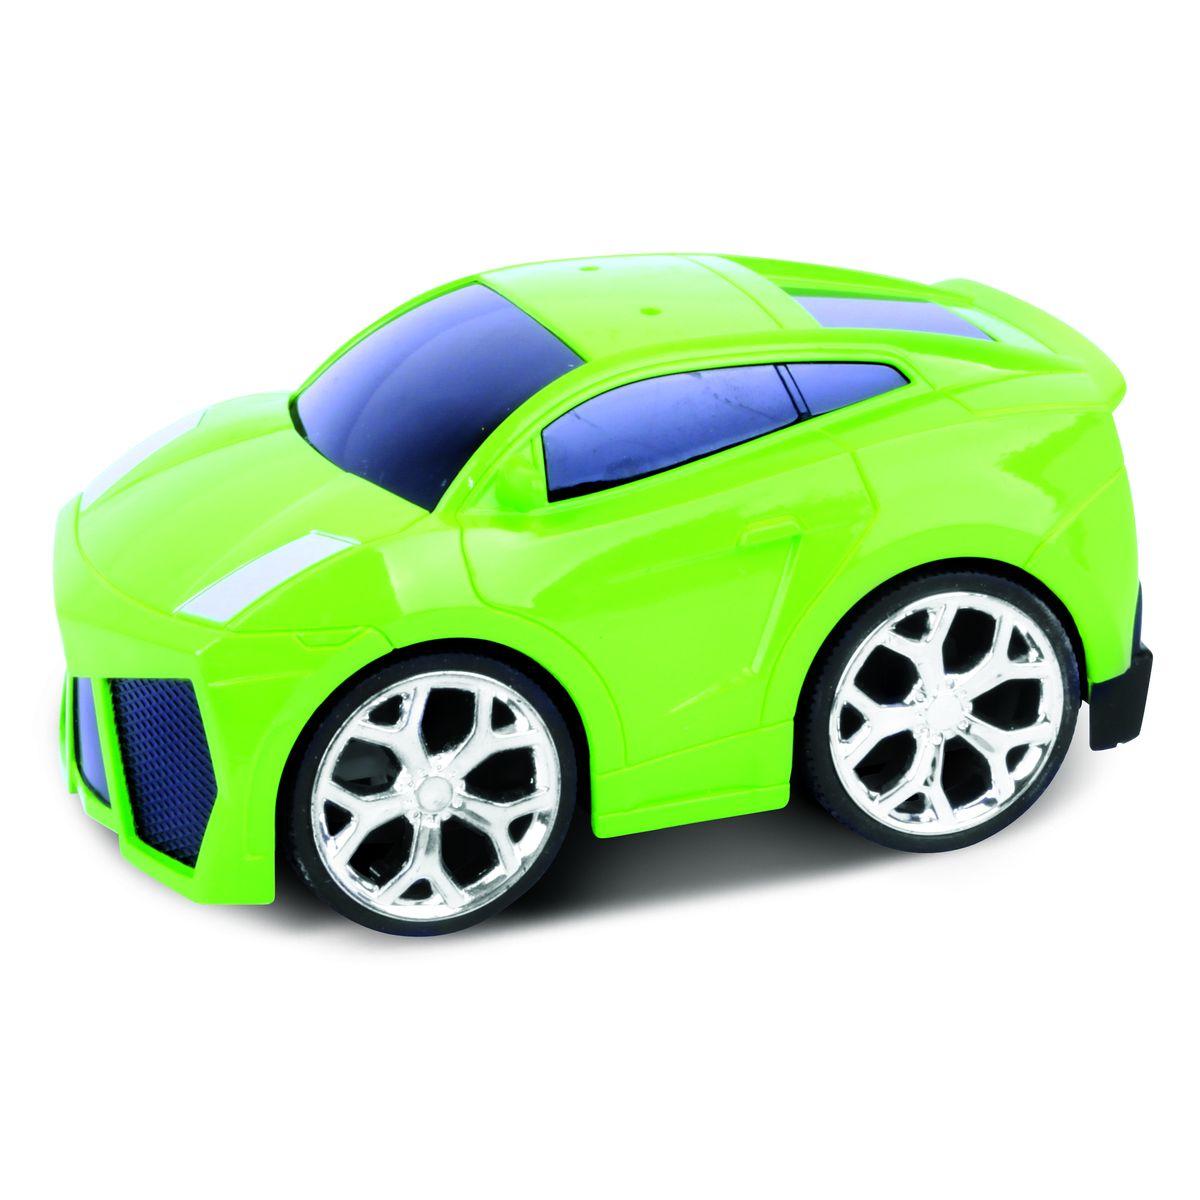 Blue Sea Машинка на радиоуправлении Racing Car цвет зеленый5588-07Небольшие размеры Радиоуправление. Дальность действия не более 30 метров Требуется докупить элементы питания